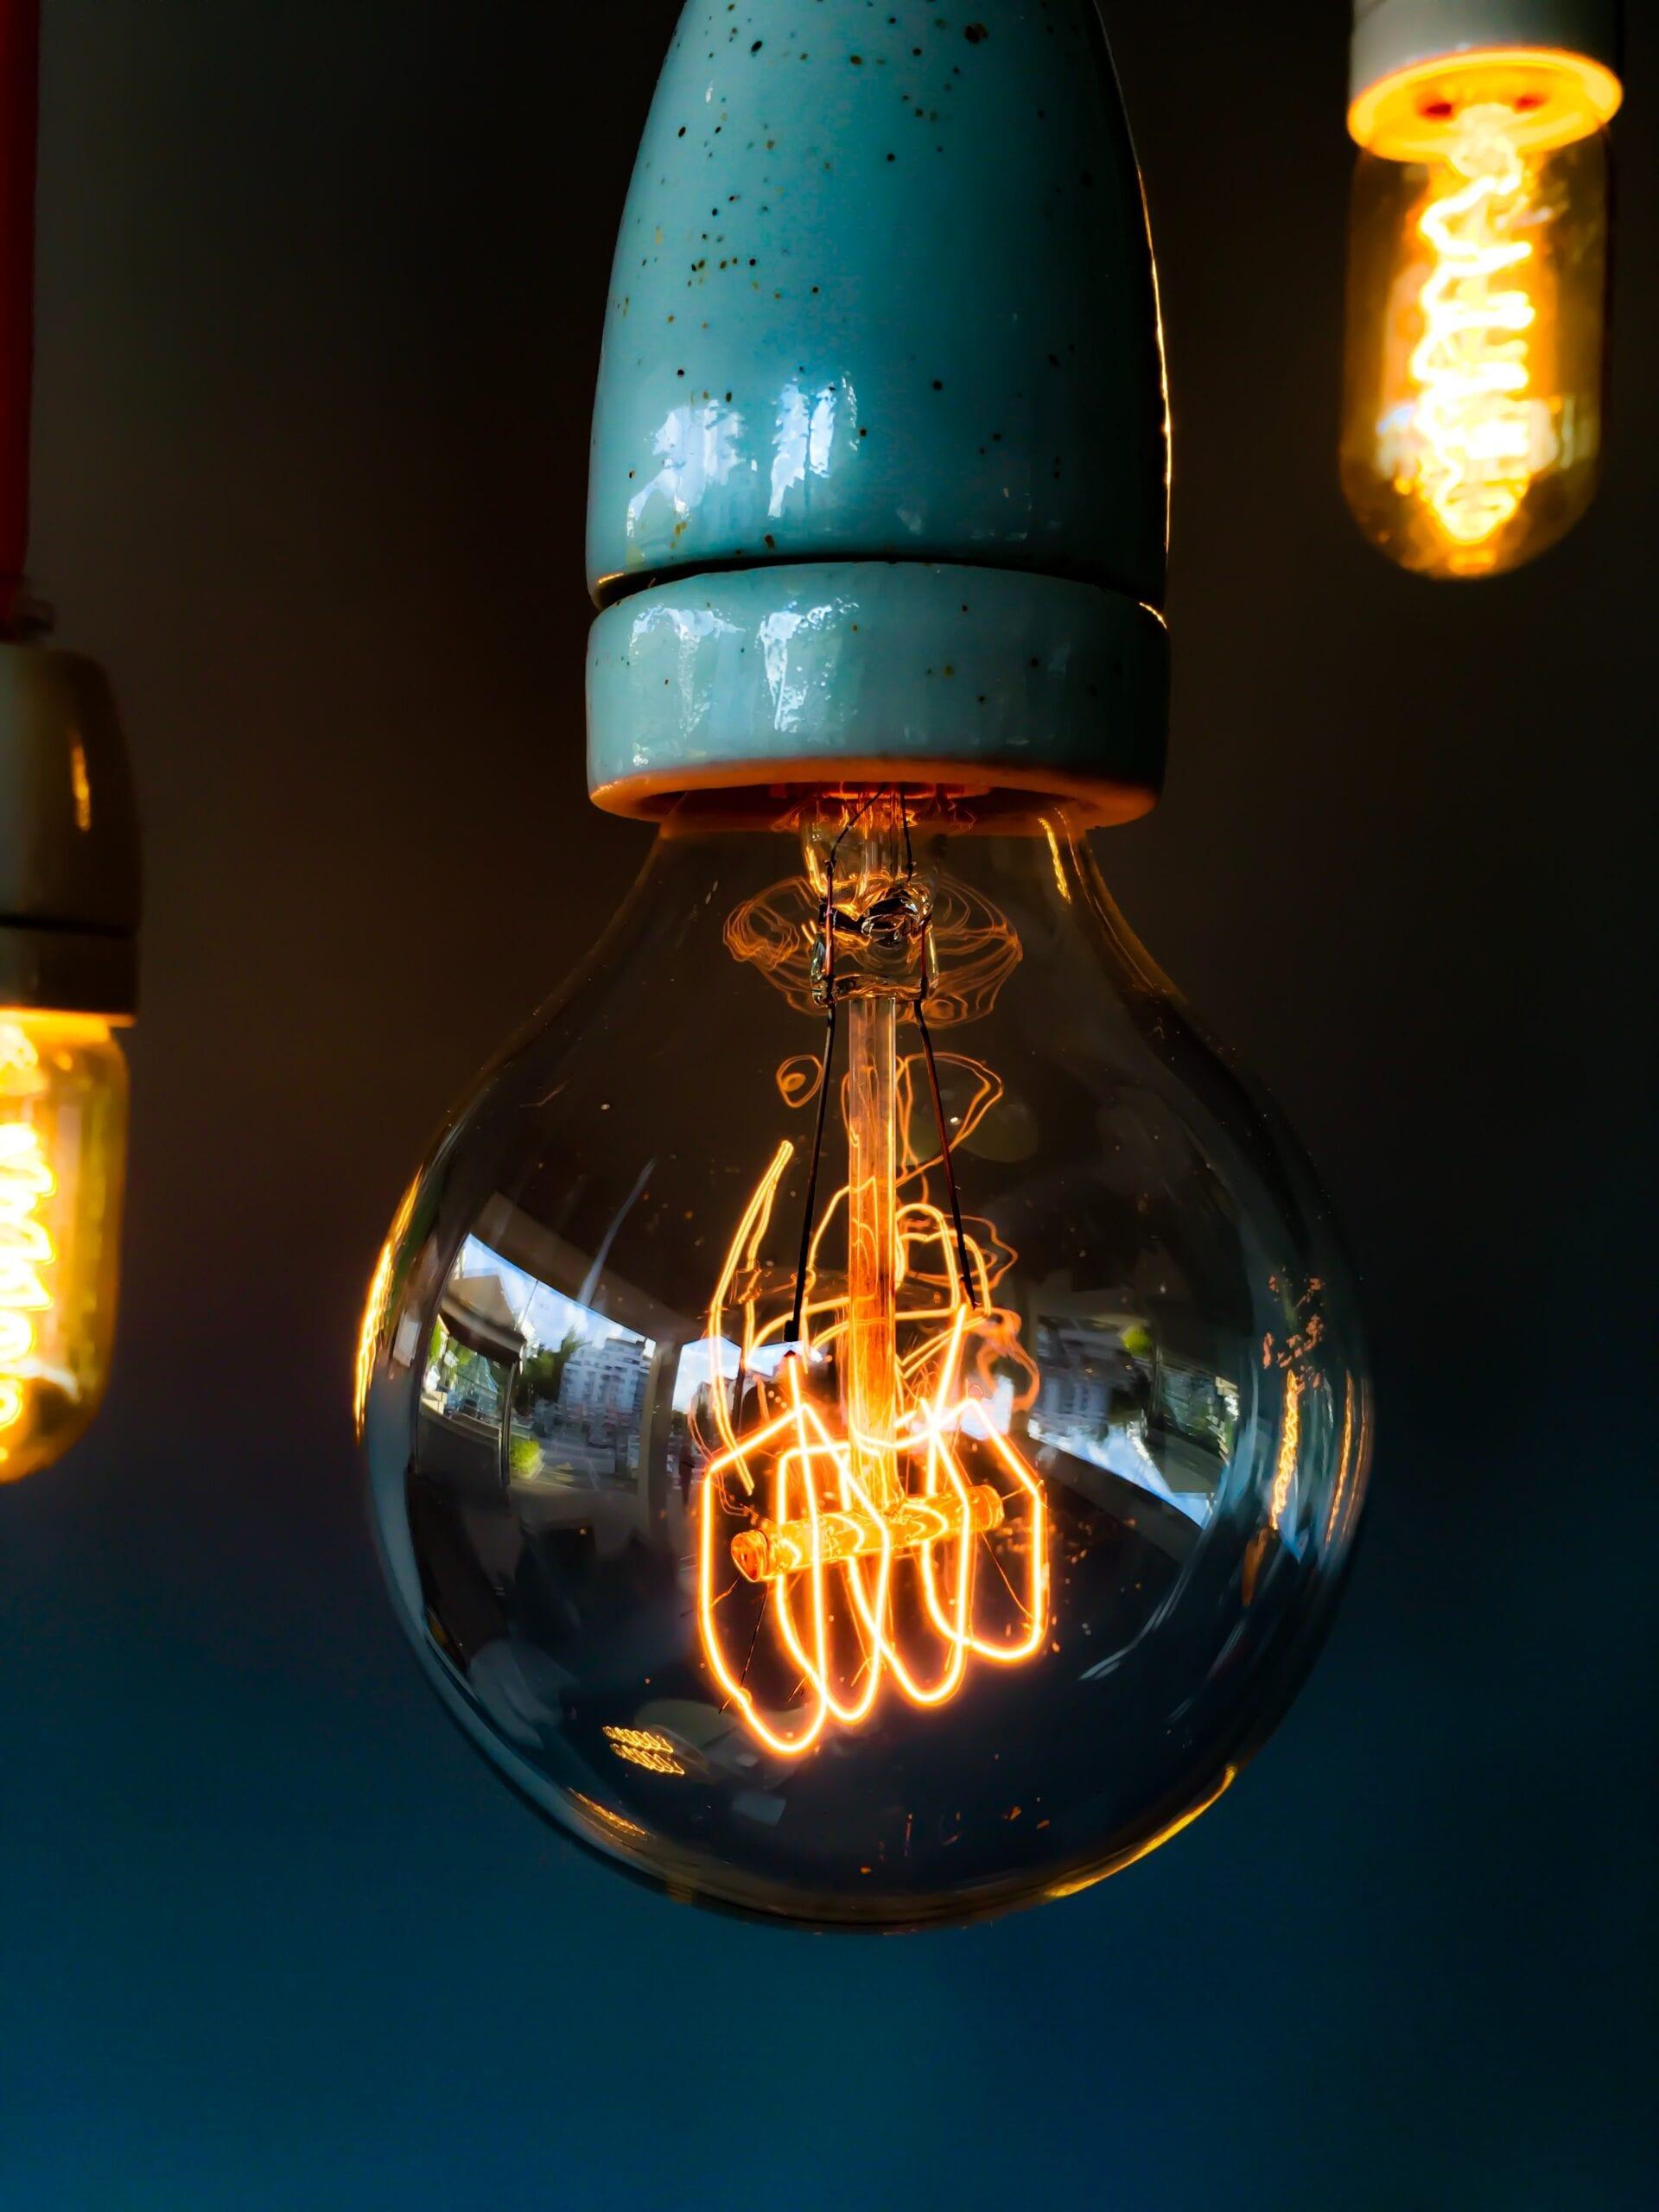 Gobierno propone pago de factura de electricidad de bajos ingresos